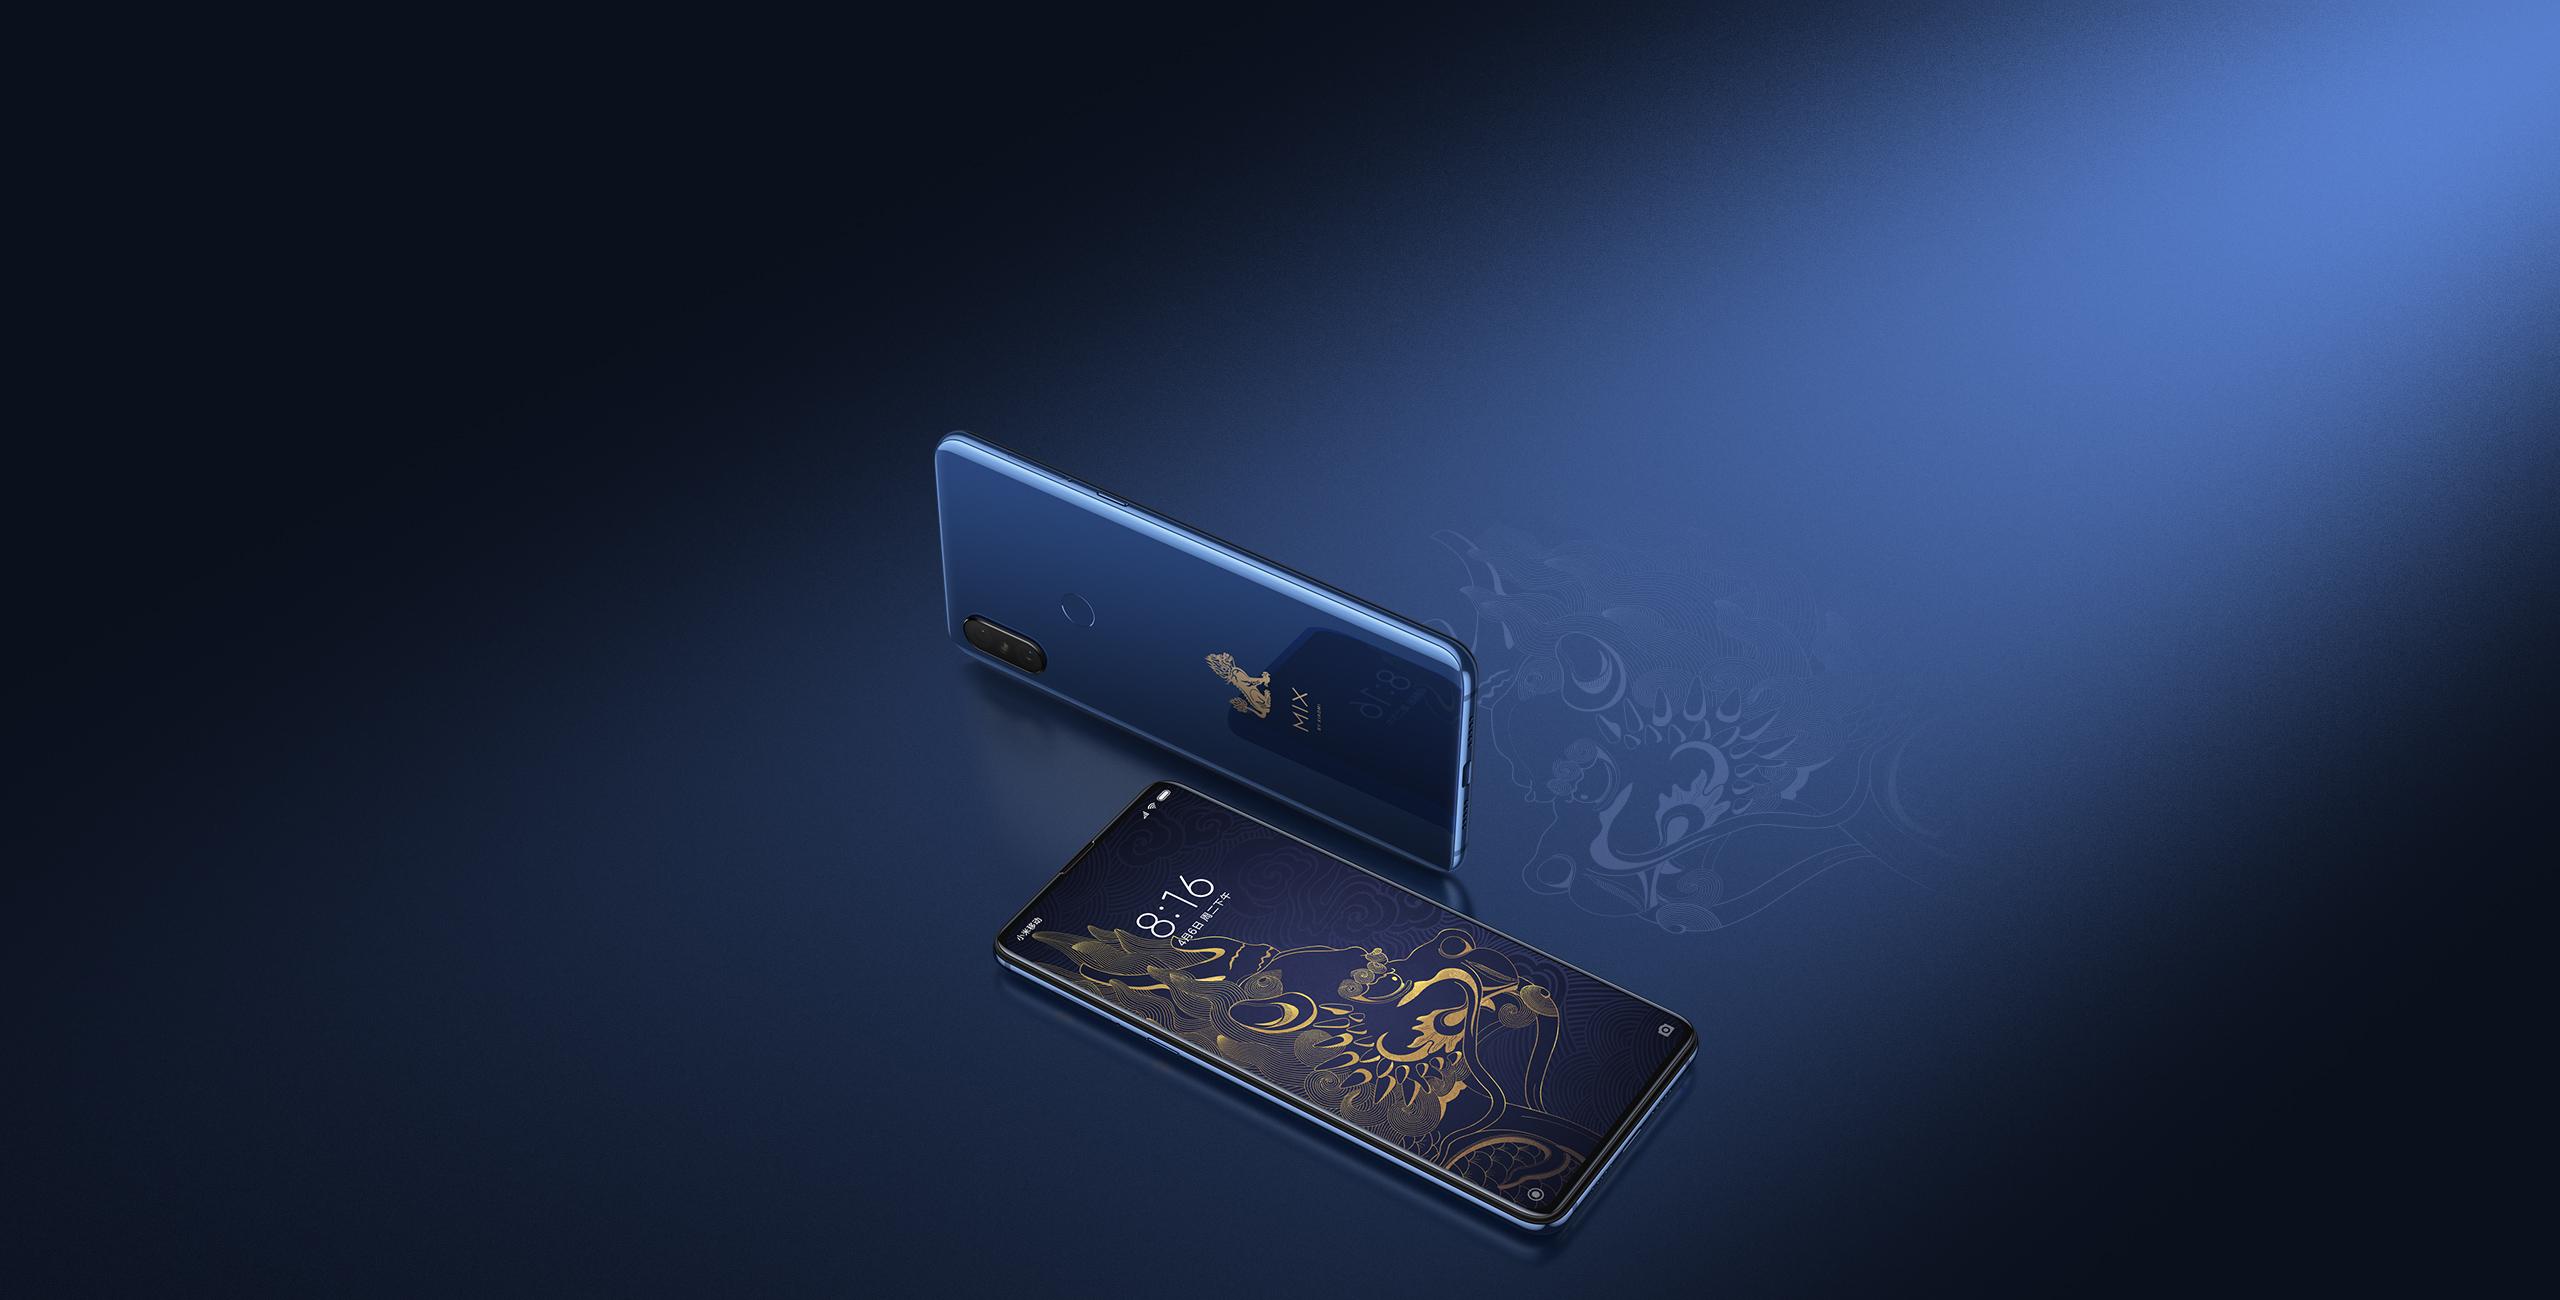 Mi MIX 3 okostelefon - 10+256GB, Tiltott Város Speciális Kiadás